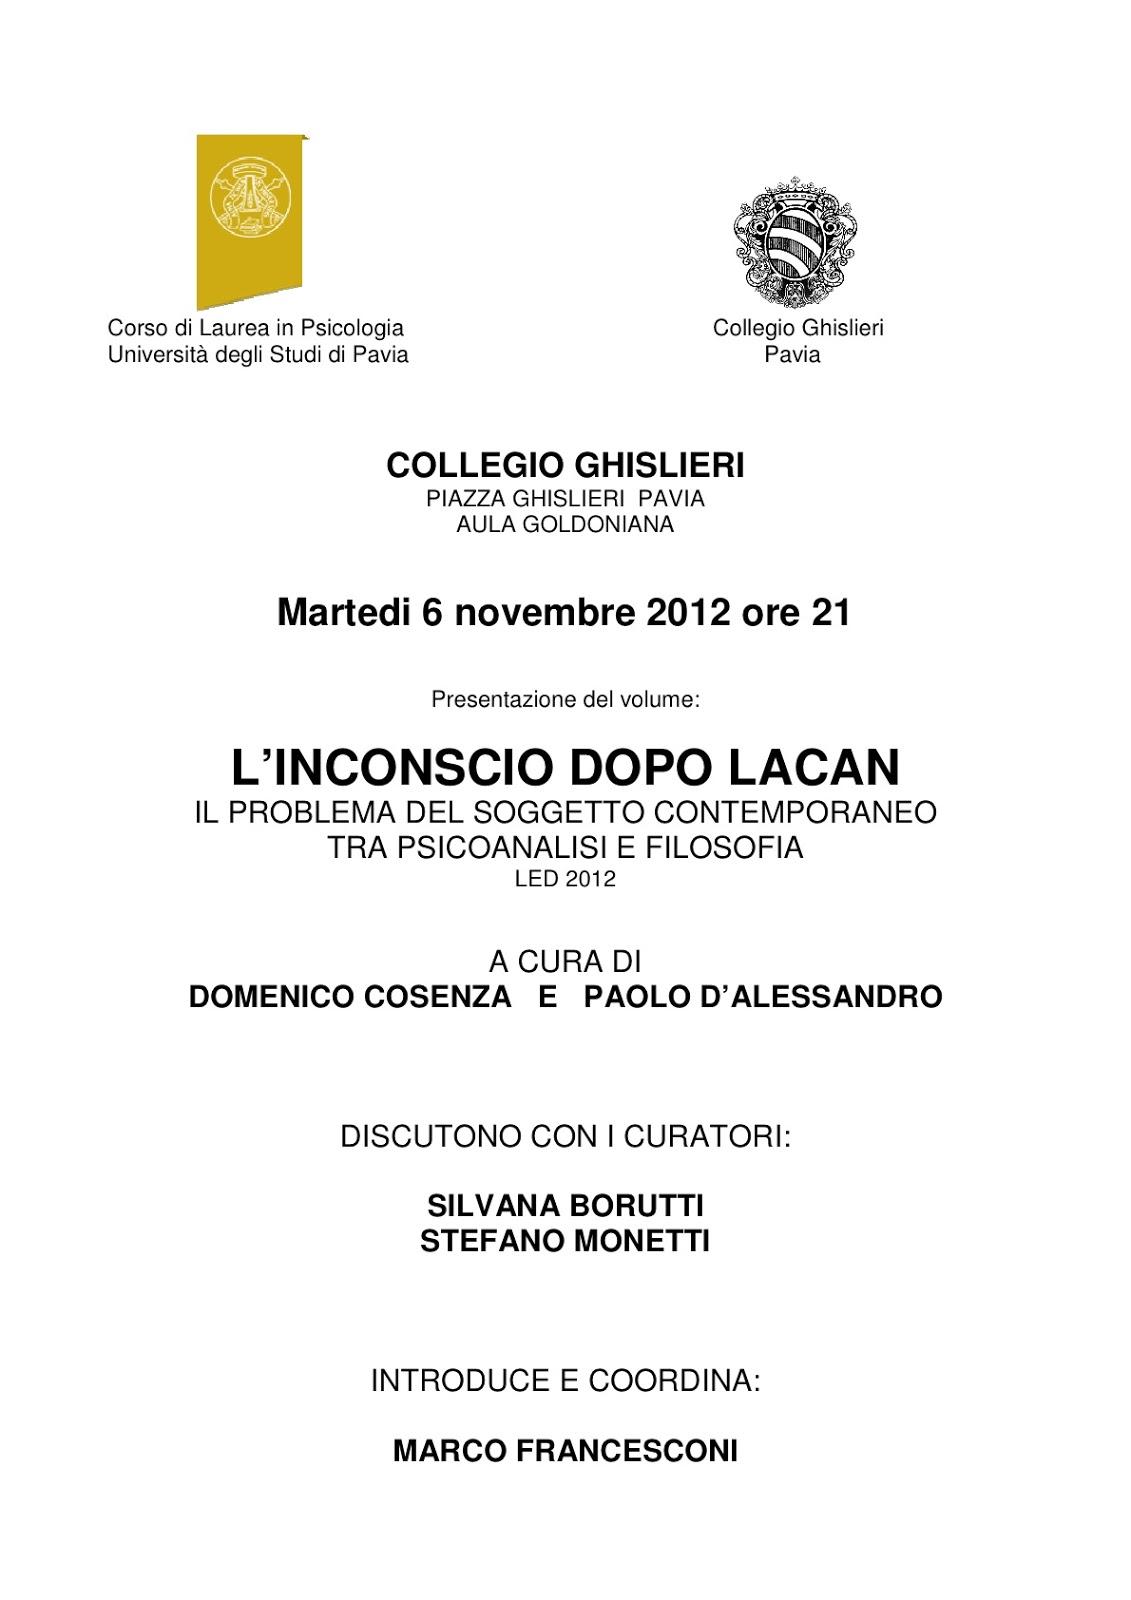 http://1.bp.blogspot.com/-7UbaC_czaY4/UJYxzRxCrAI/AAAAAAAAAmg/DursxwcqXtk/s1600/Cosenza_D\'Alessandro_6-11-12.jpg